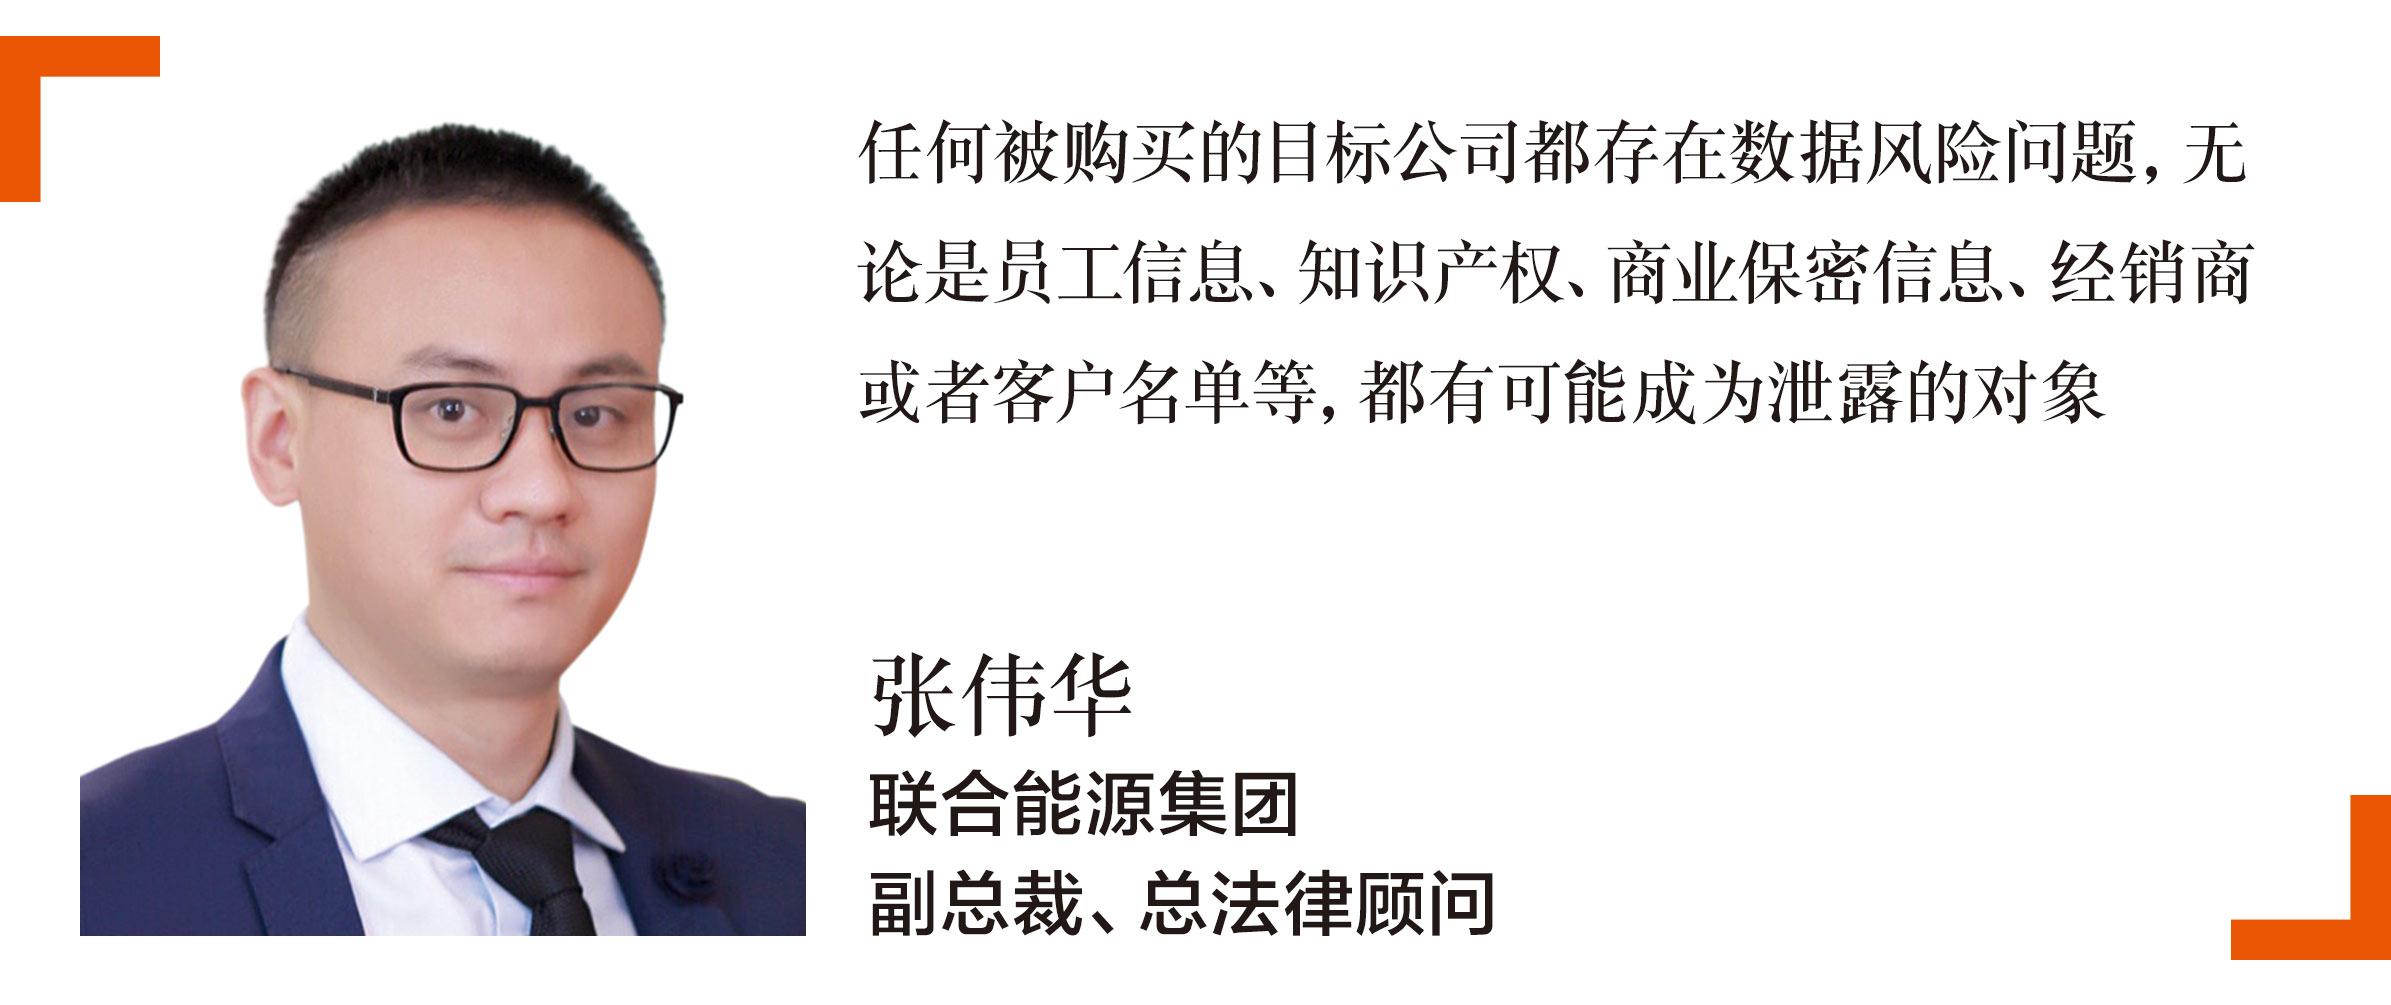 联合能源集团副总裁及总法律顾问张伟华-Leslie-Zhang-is-the-vice-president-and-general-counsel-at-United-Energy-Group